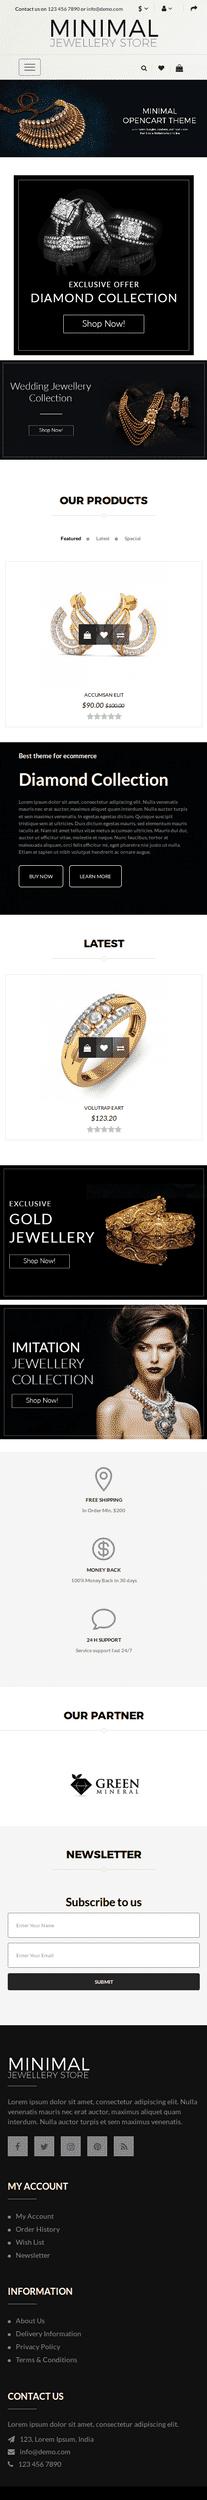 Minimal Jewellery Mobile (2)